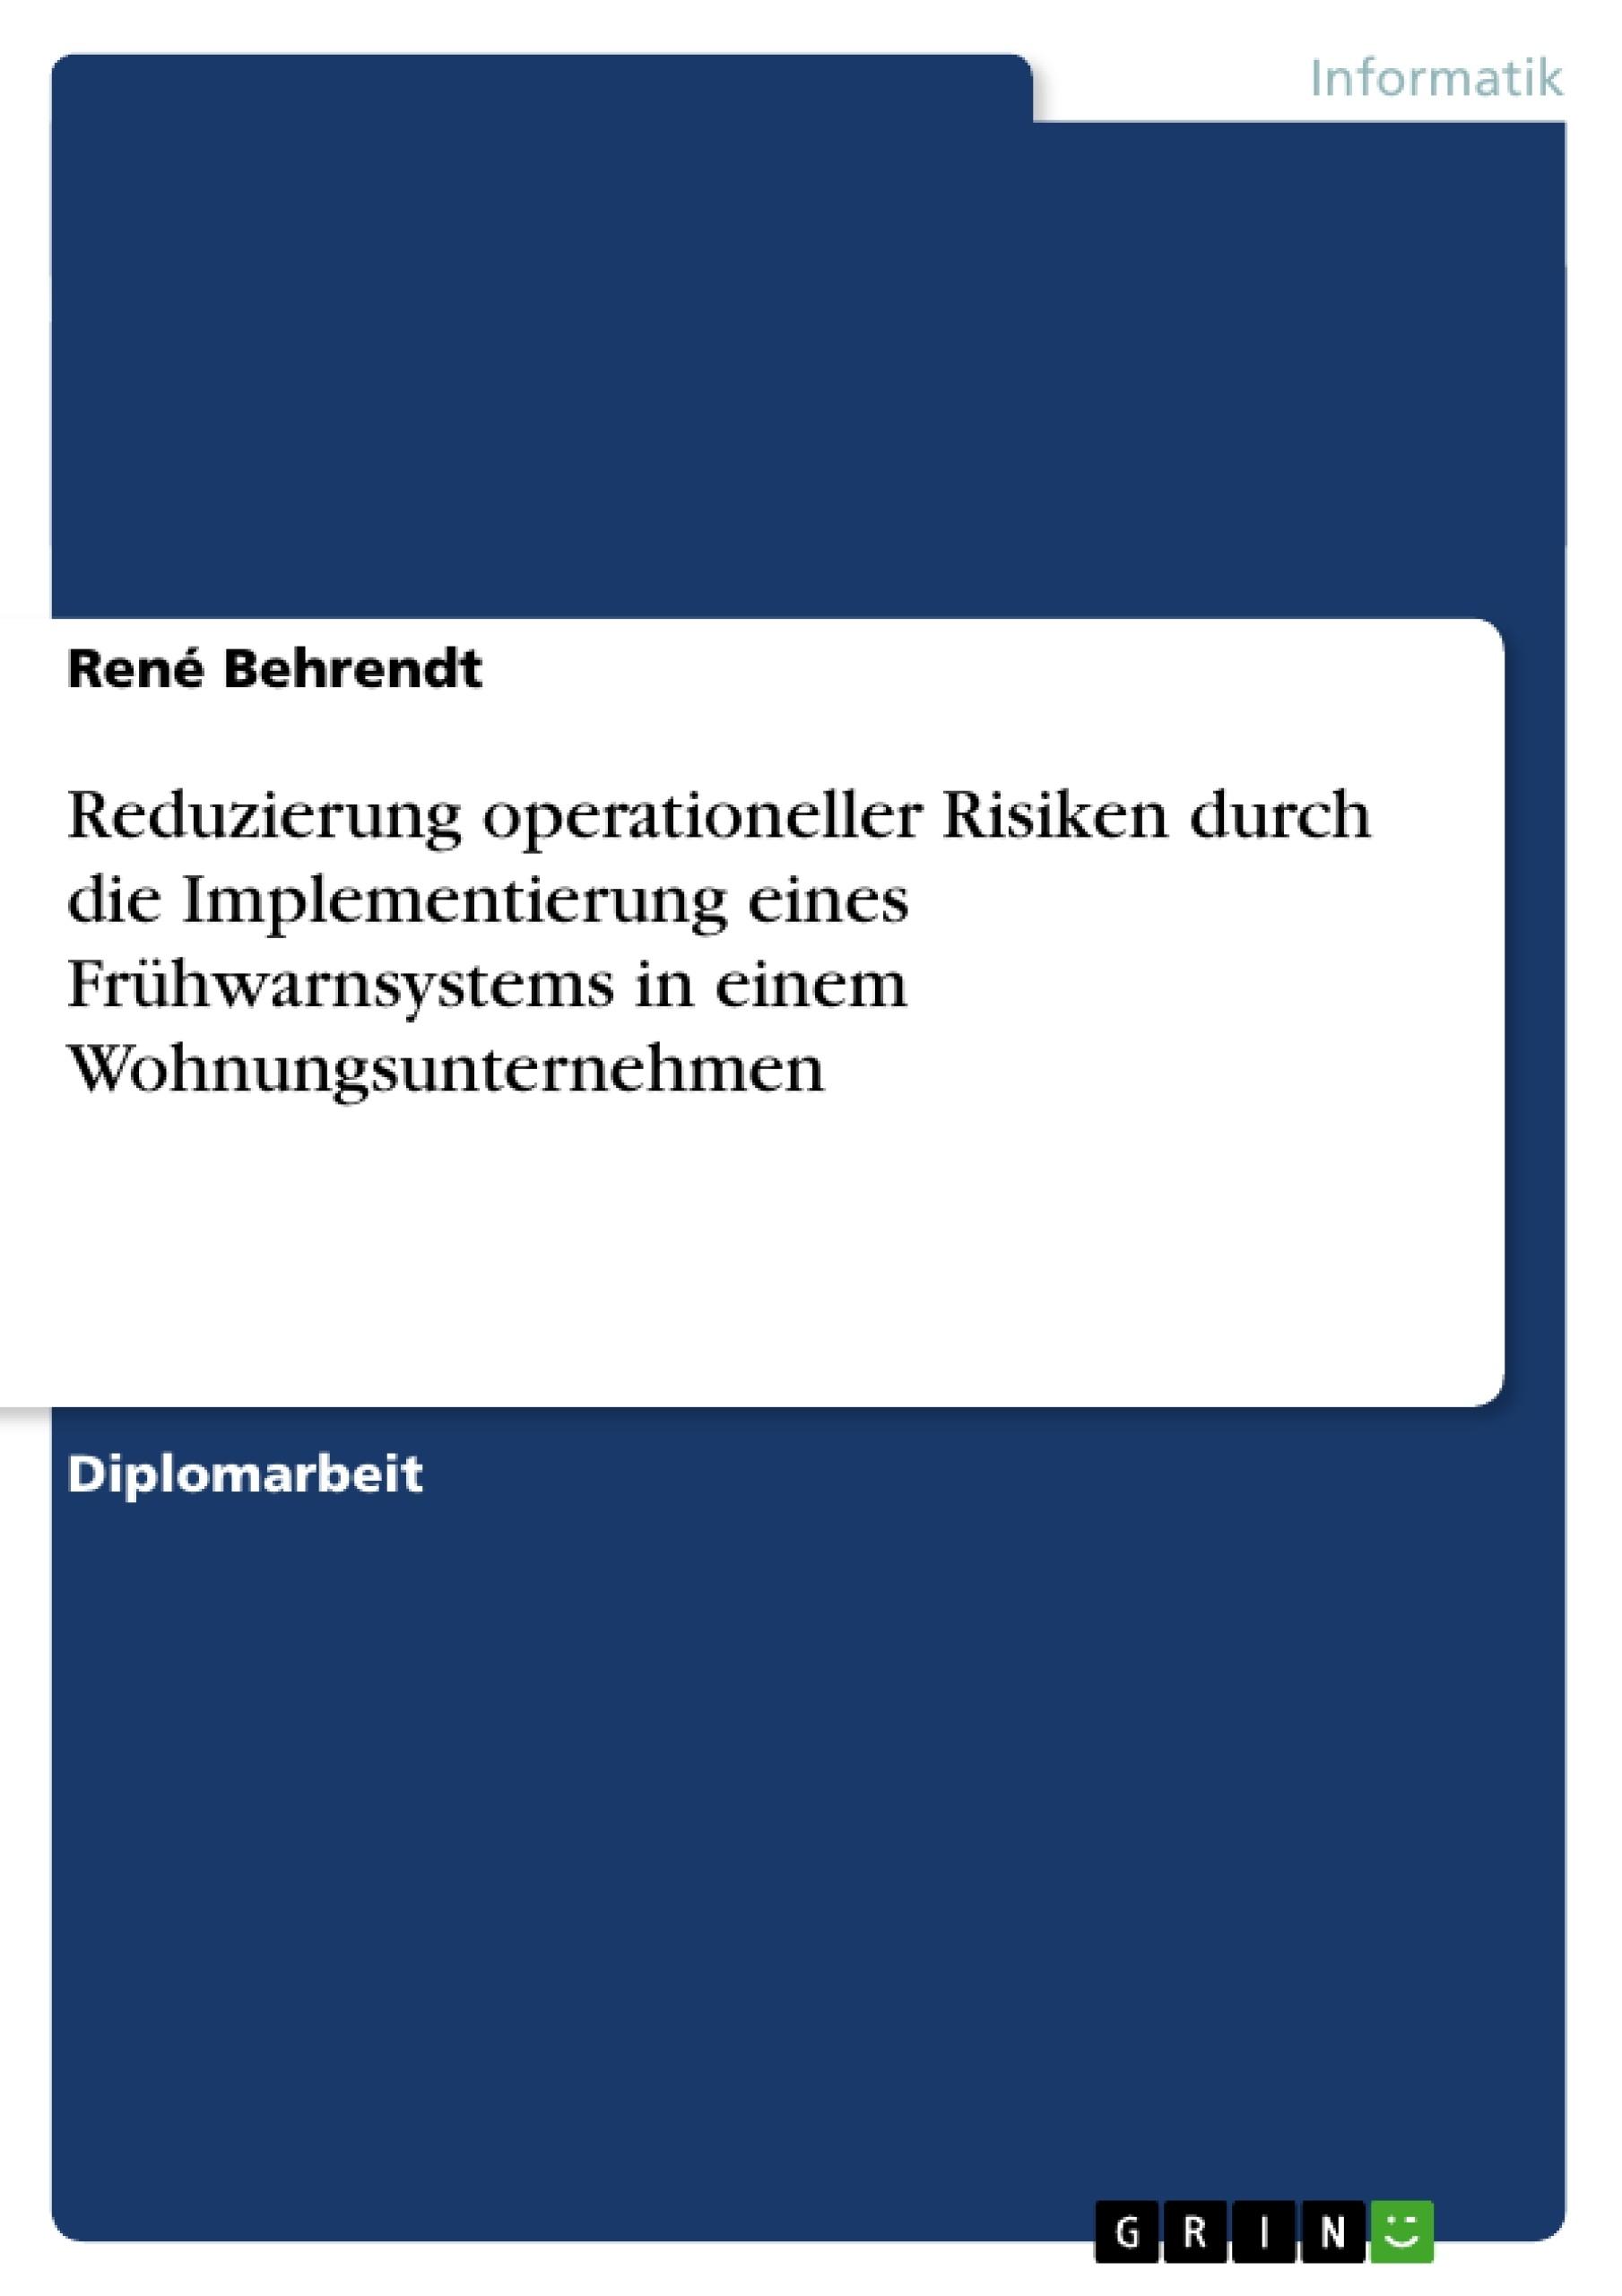 Titel: Reduzierung operationeller Risiken durch die Implementierung eines Frühwarnsystems in einem Wohnungsunternehmen